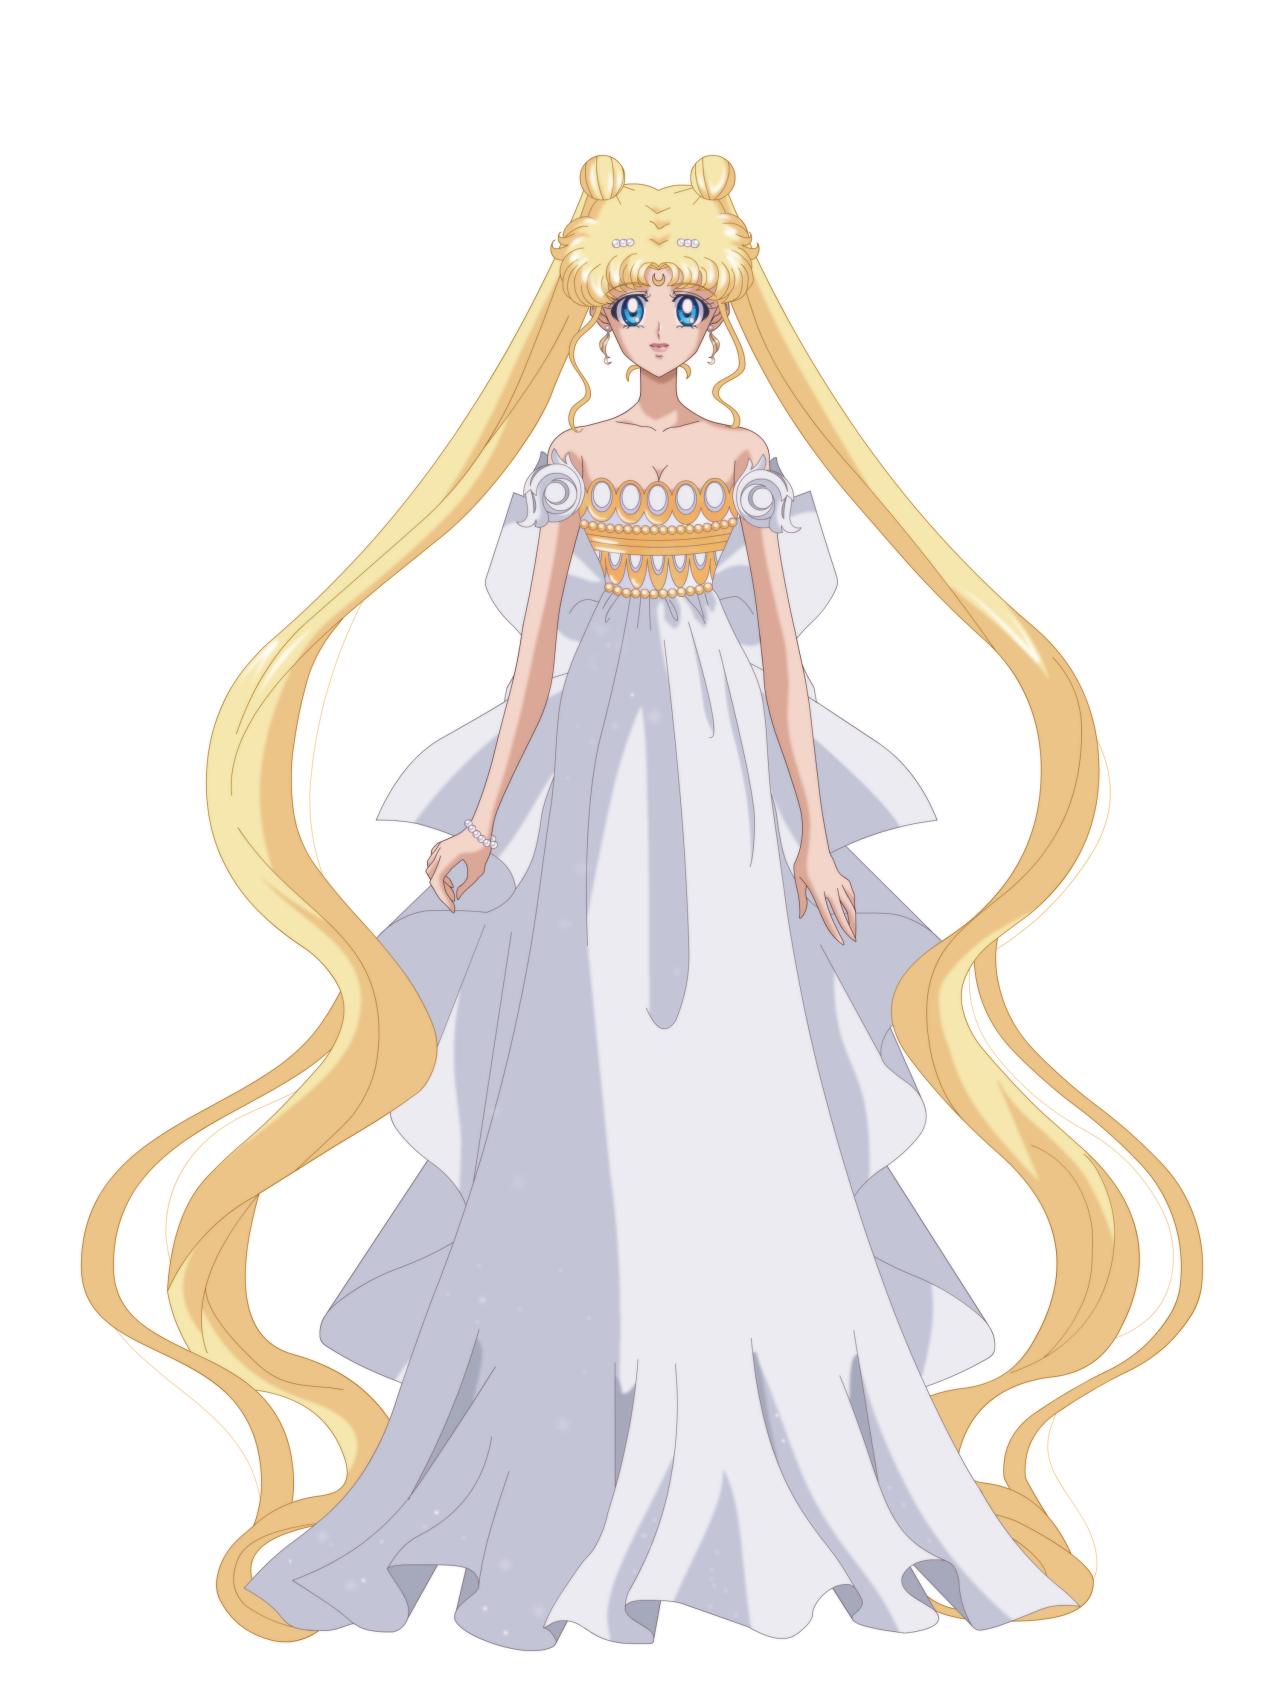 Princess Serenity From Sailor Moon Crystal Princess Serenity Sailor Moon Usagi Sailor Moon Crystal